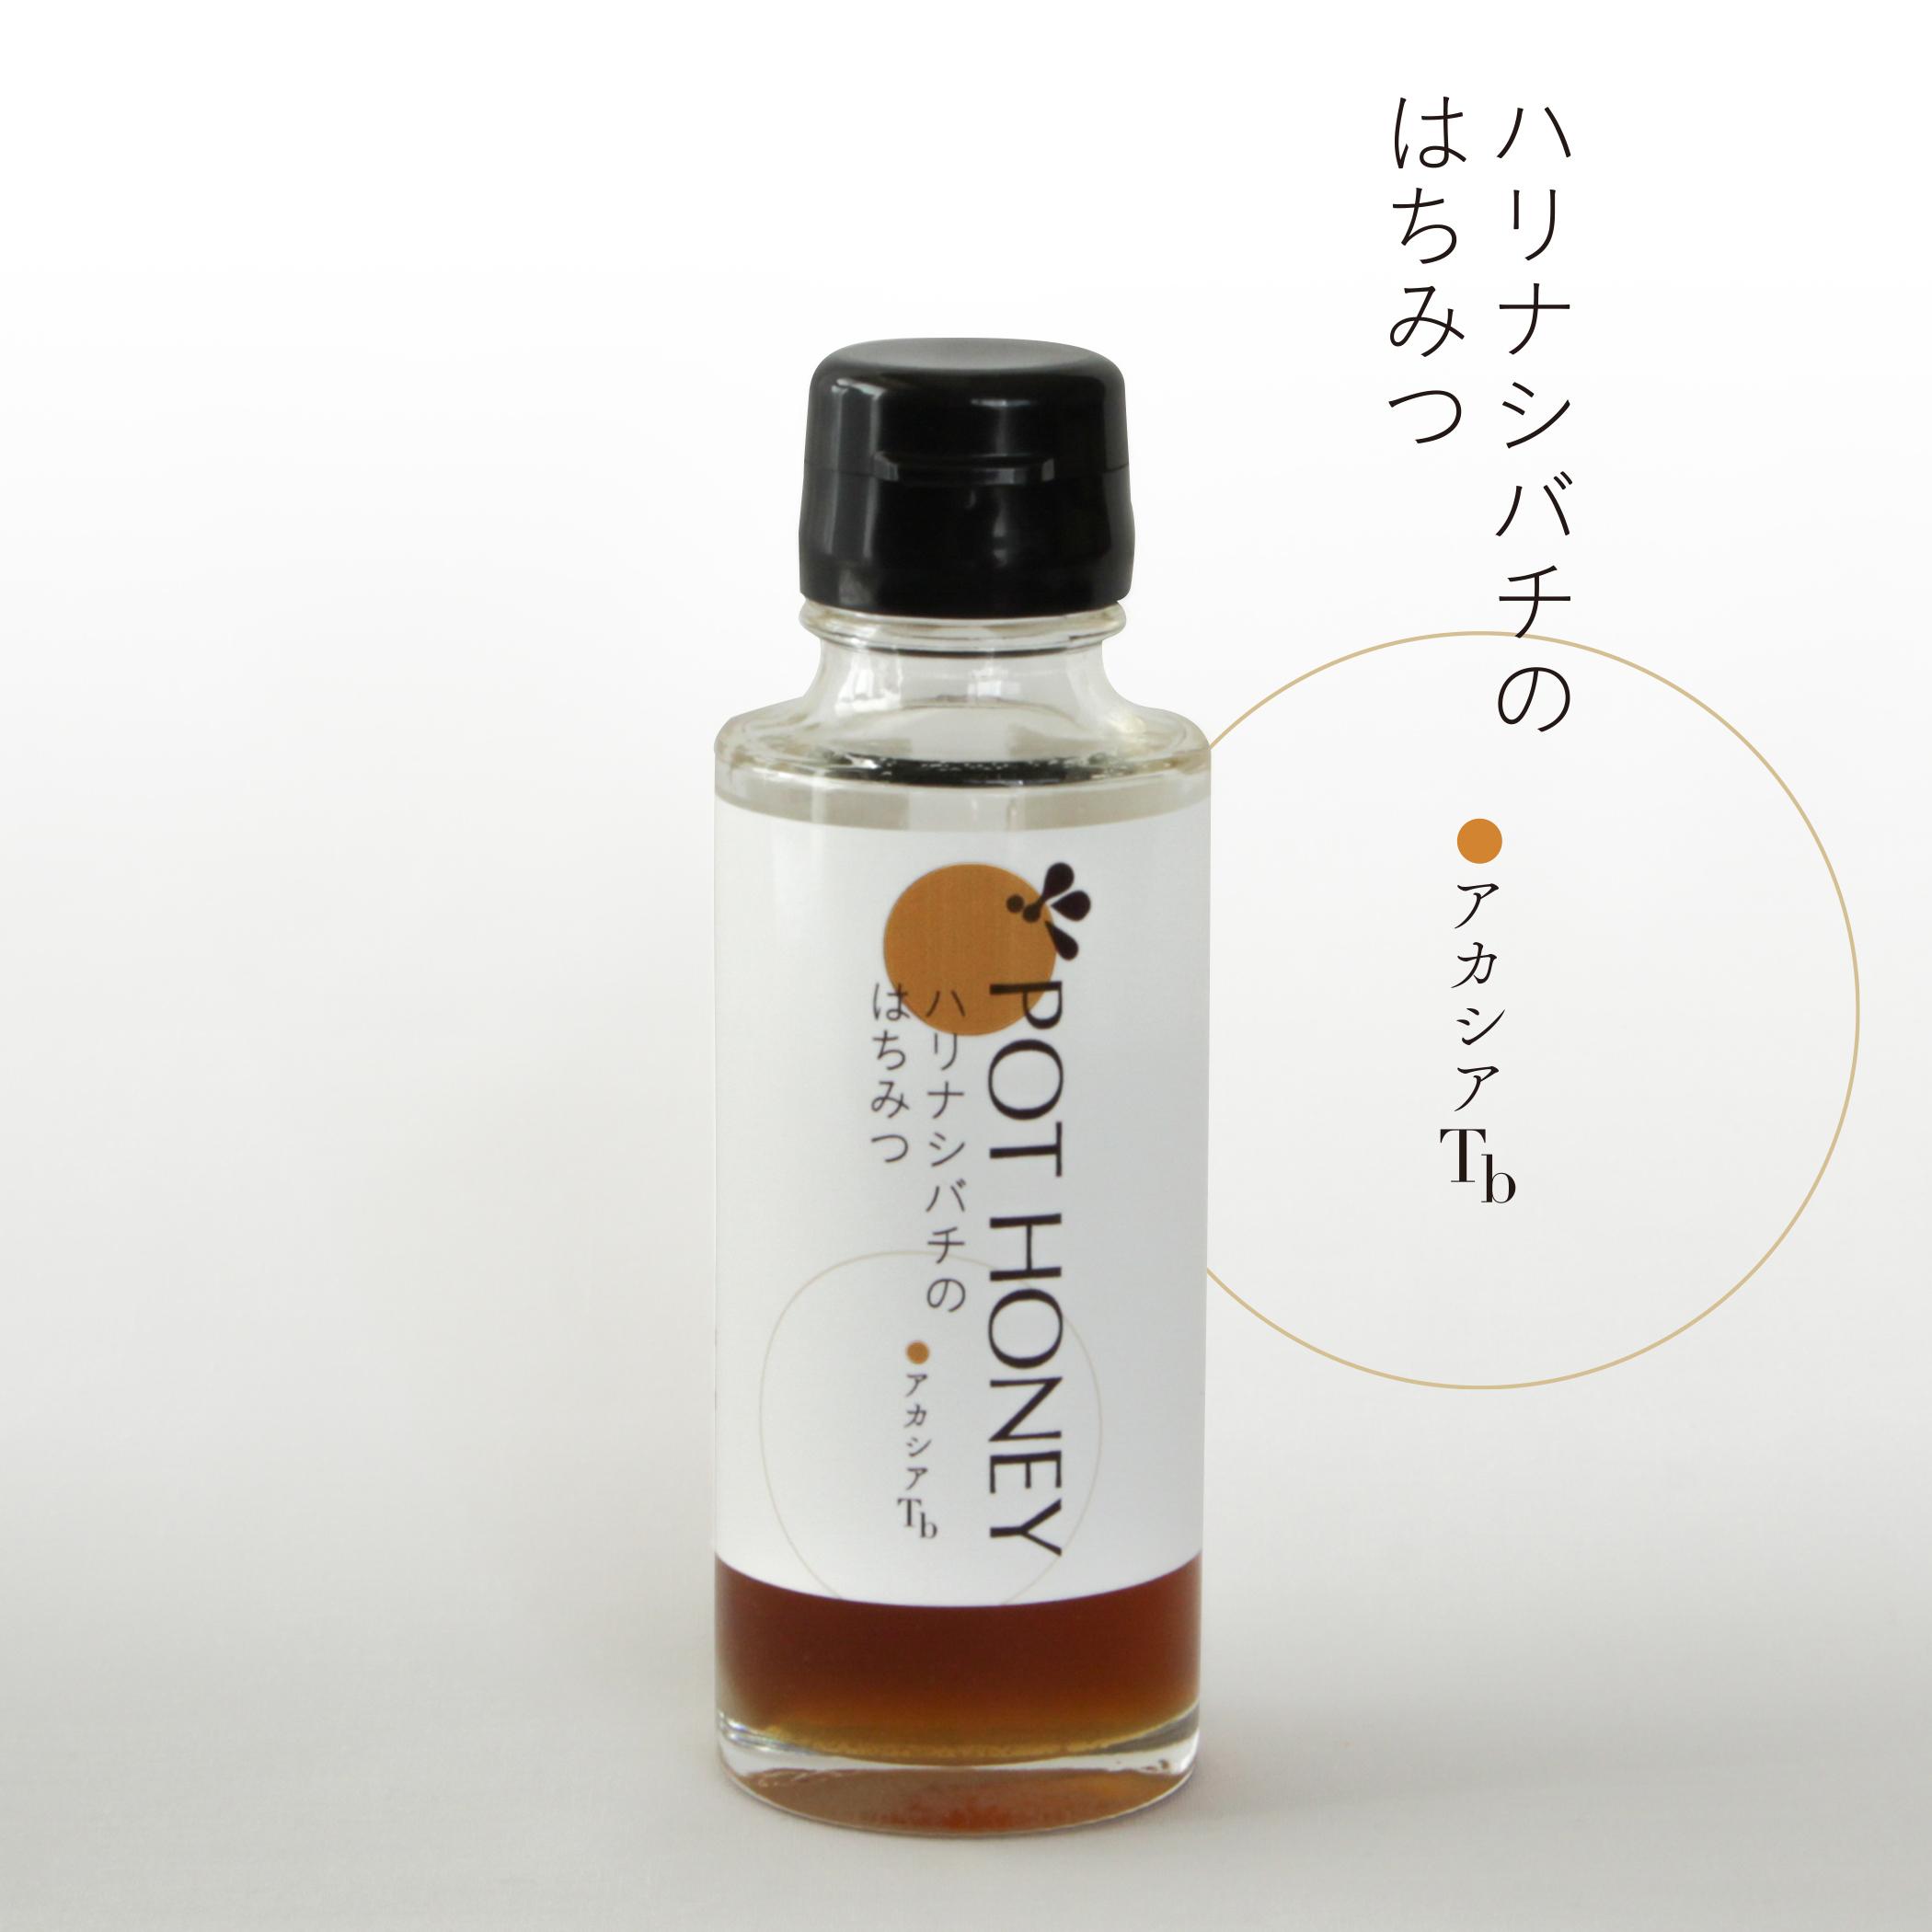 ハリナシバチの蜂蜜 POT HONEY アカシア/ T.b 100g